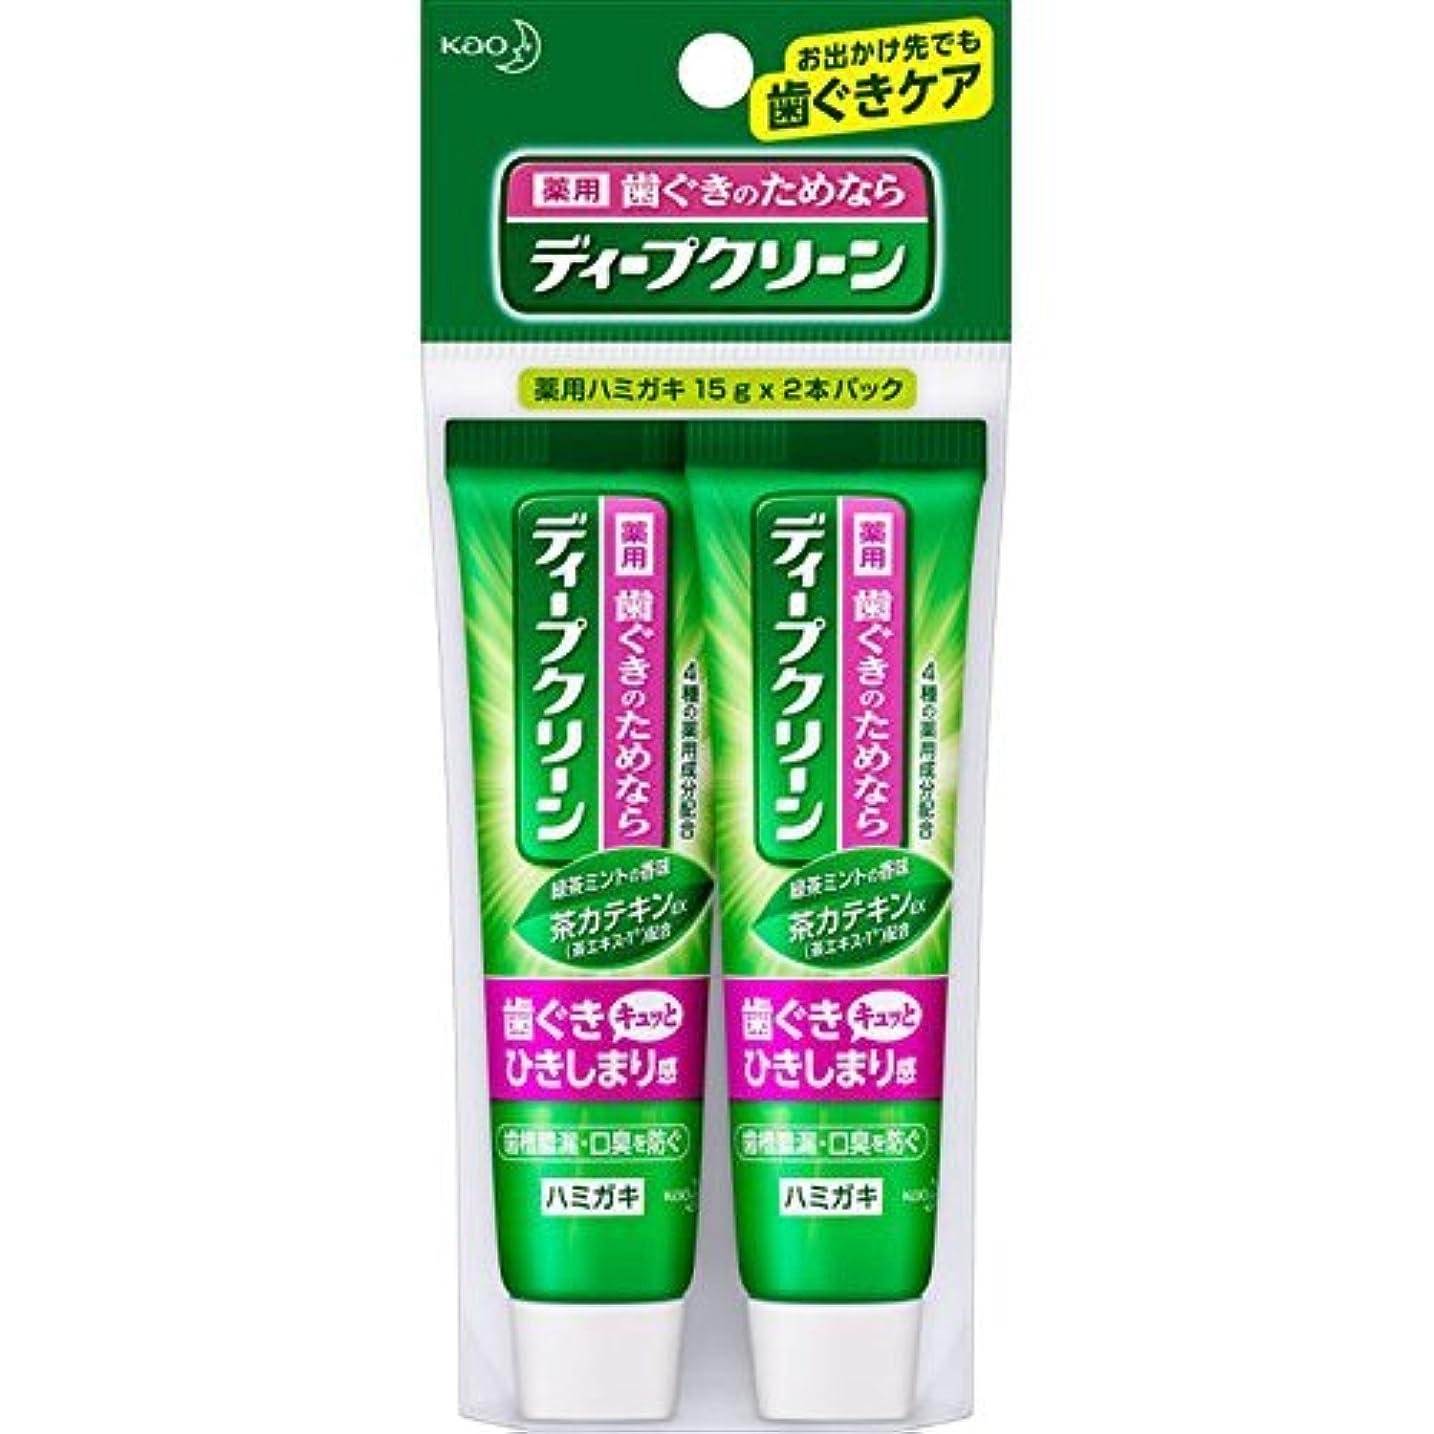 意識探偵一過性花王 ディープクリーン 薬用ハミガキ ミニ 30g (医薬部外品)